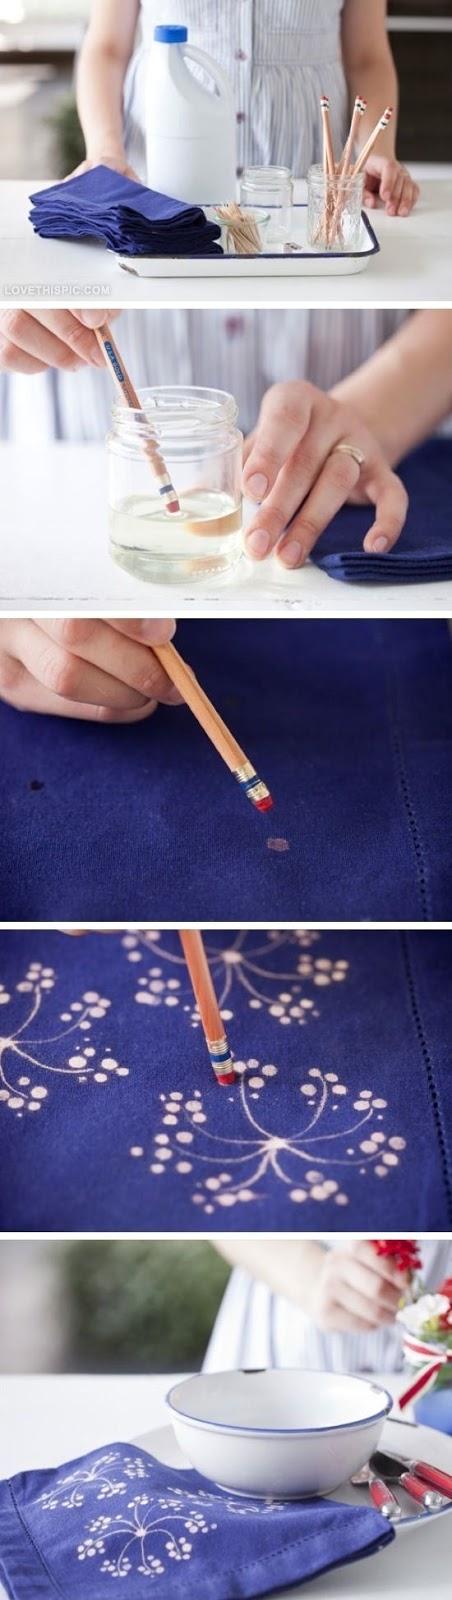 como pintar tecido usando água sanitária